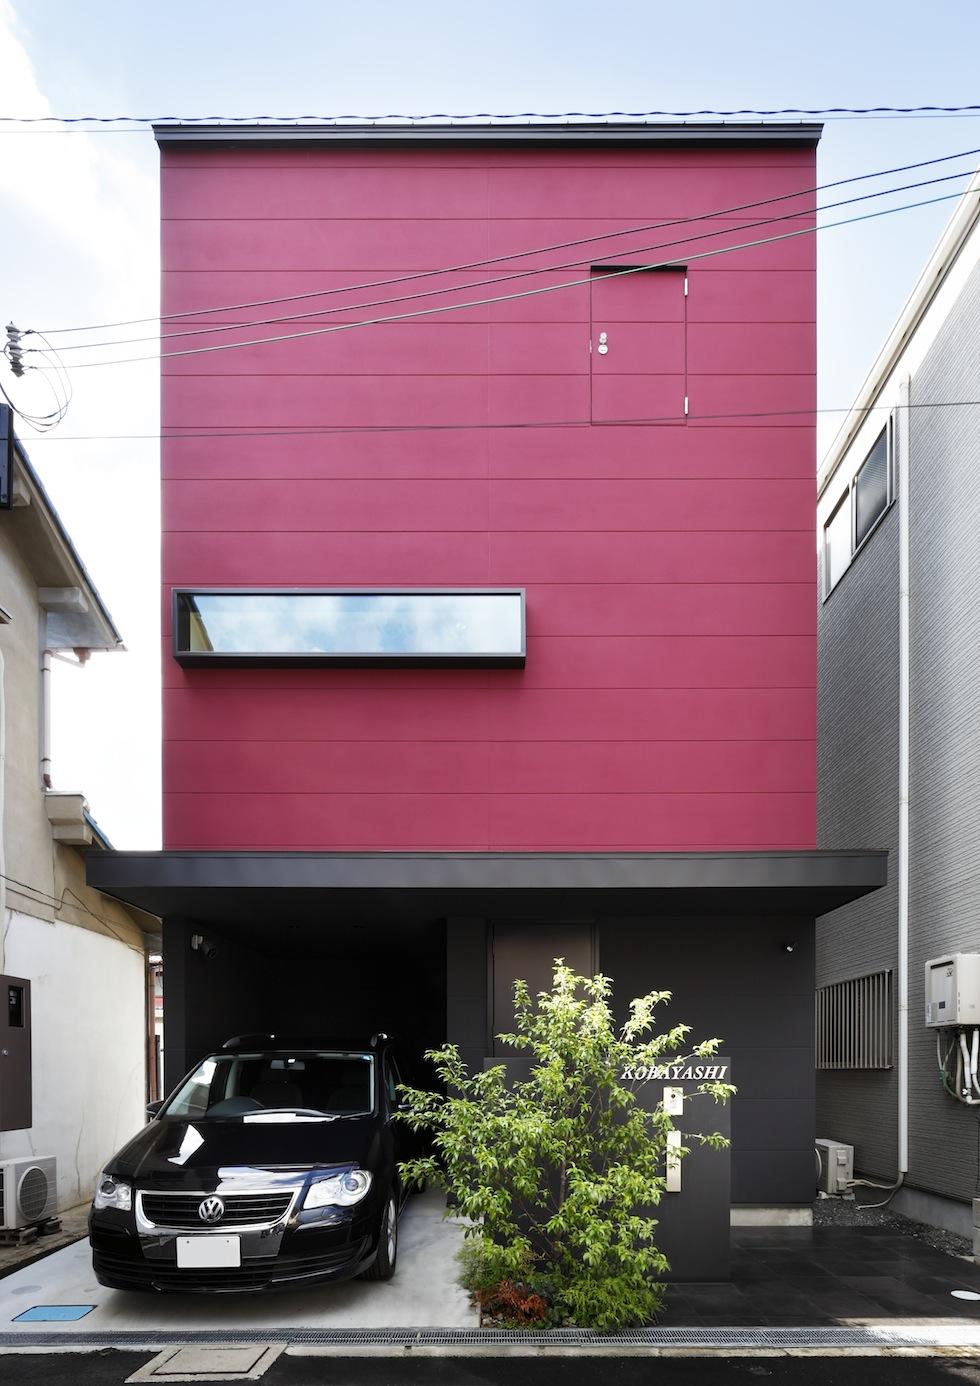 大阪,四條畷,建築家,設計事務所,住宅設計,高級注文住宅,木造3階建てデザイン,螺旋階段,外観デザイン